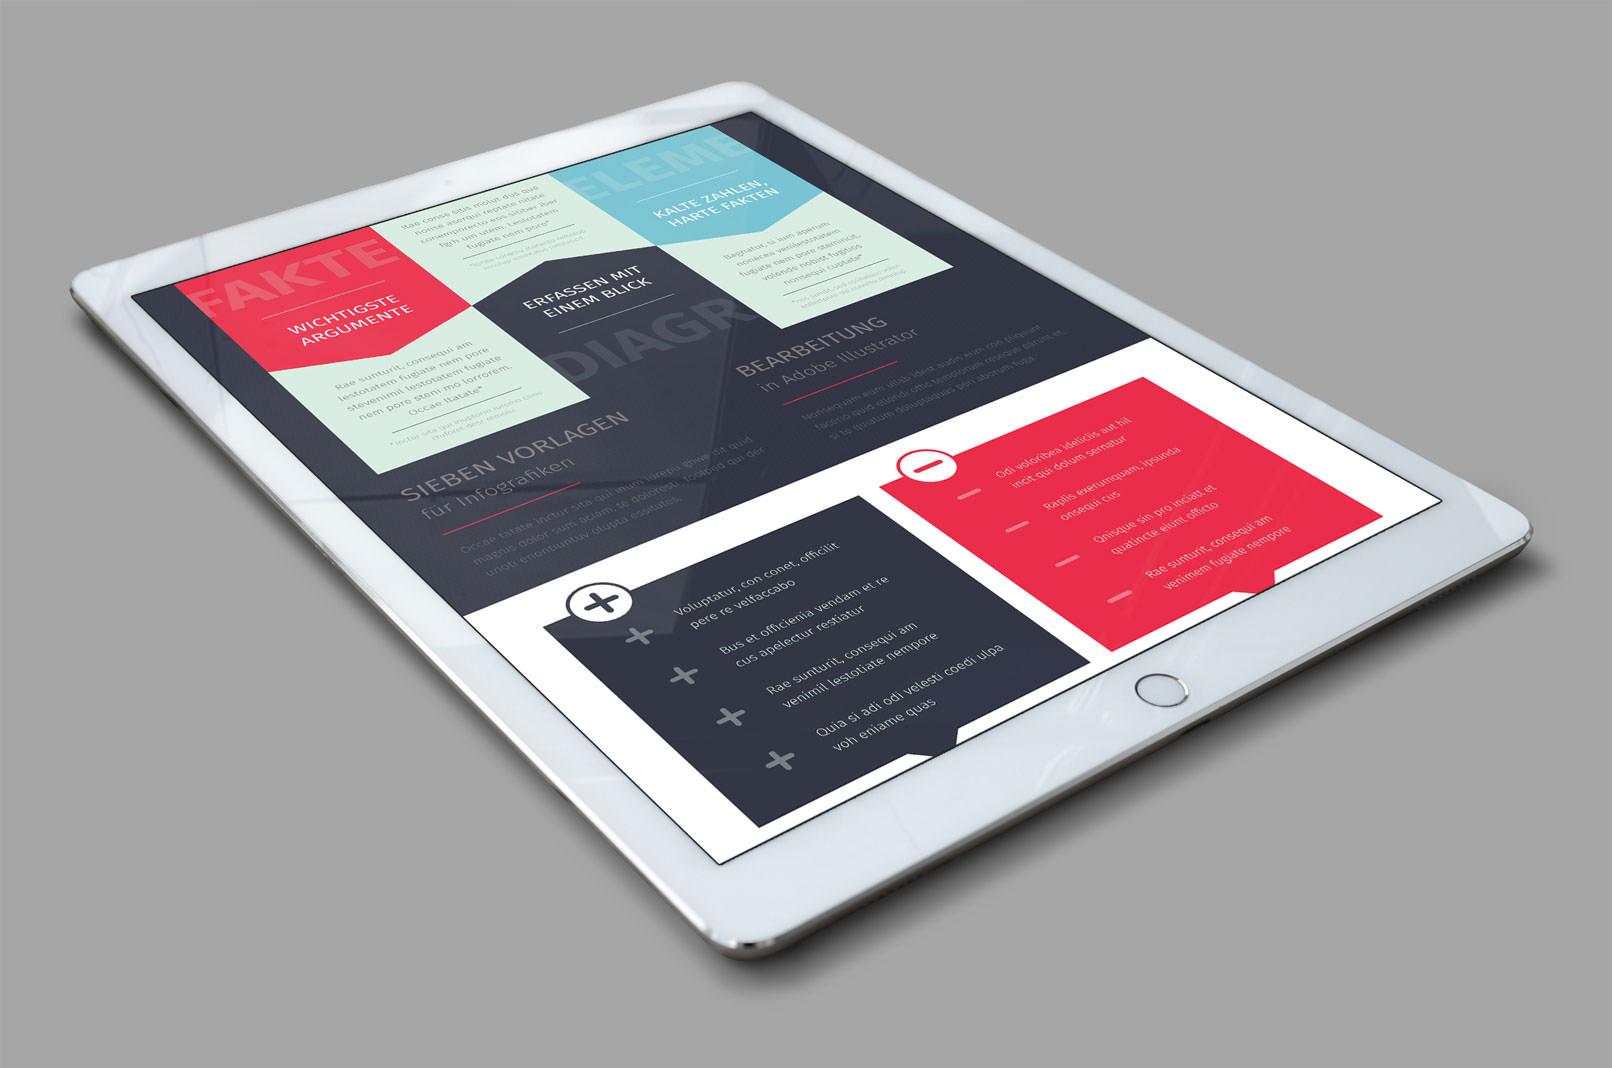 Vektorbasierte Design-Vorlagen zur Visualisierung von Daten